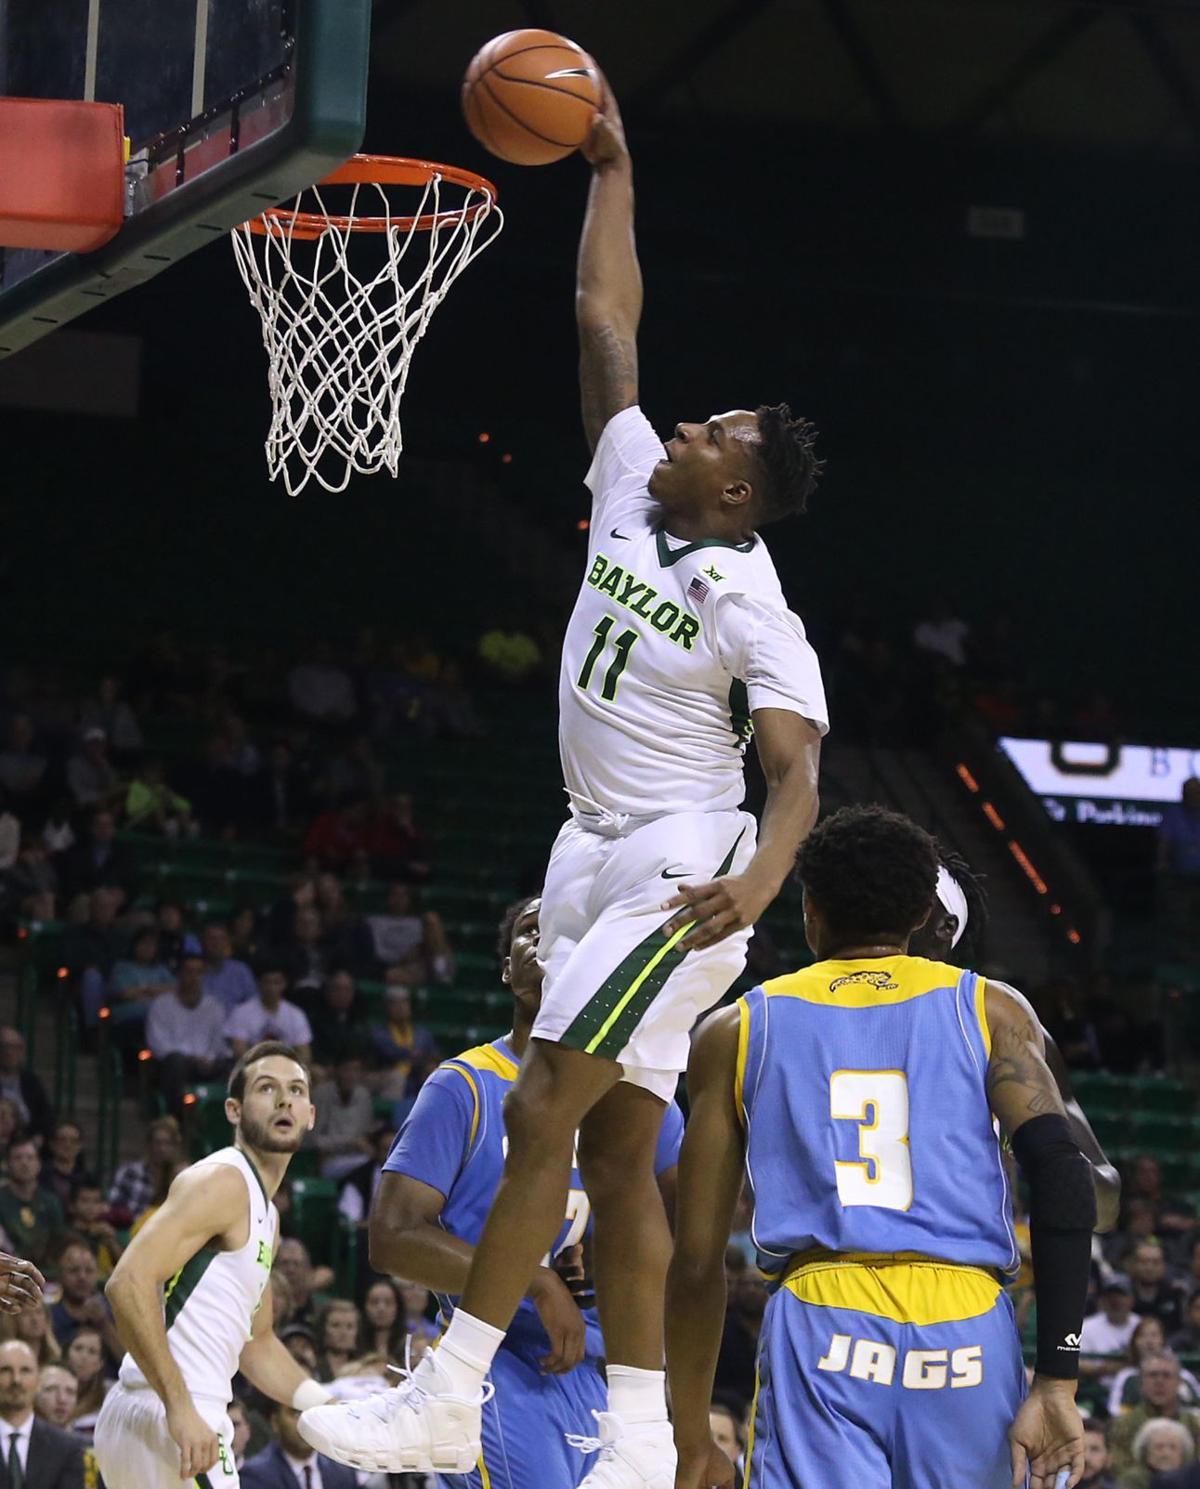 Southern Baylor Basketball